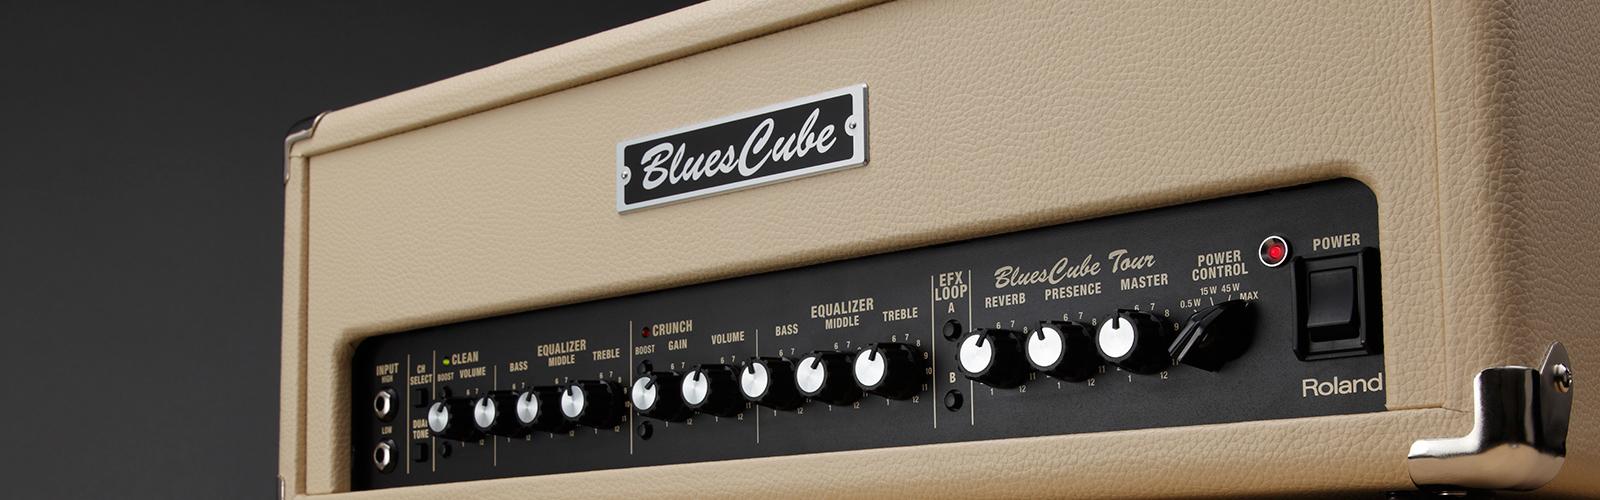 Blues CUBE Tour